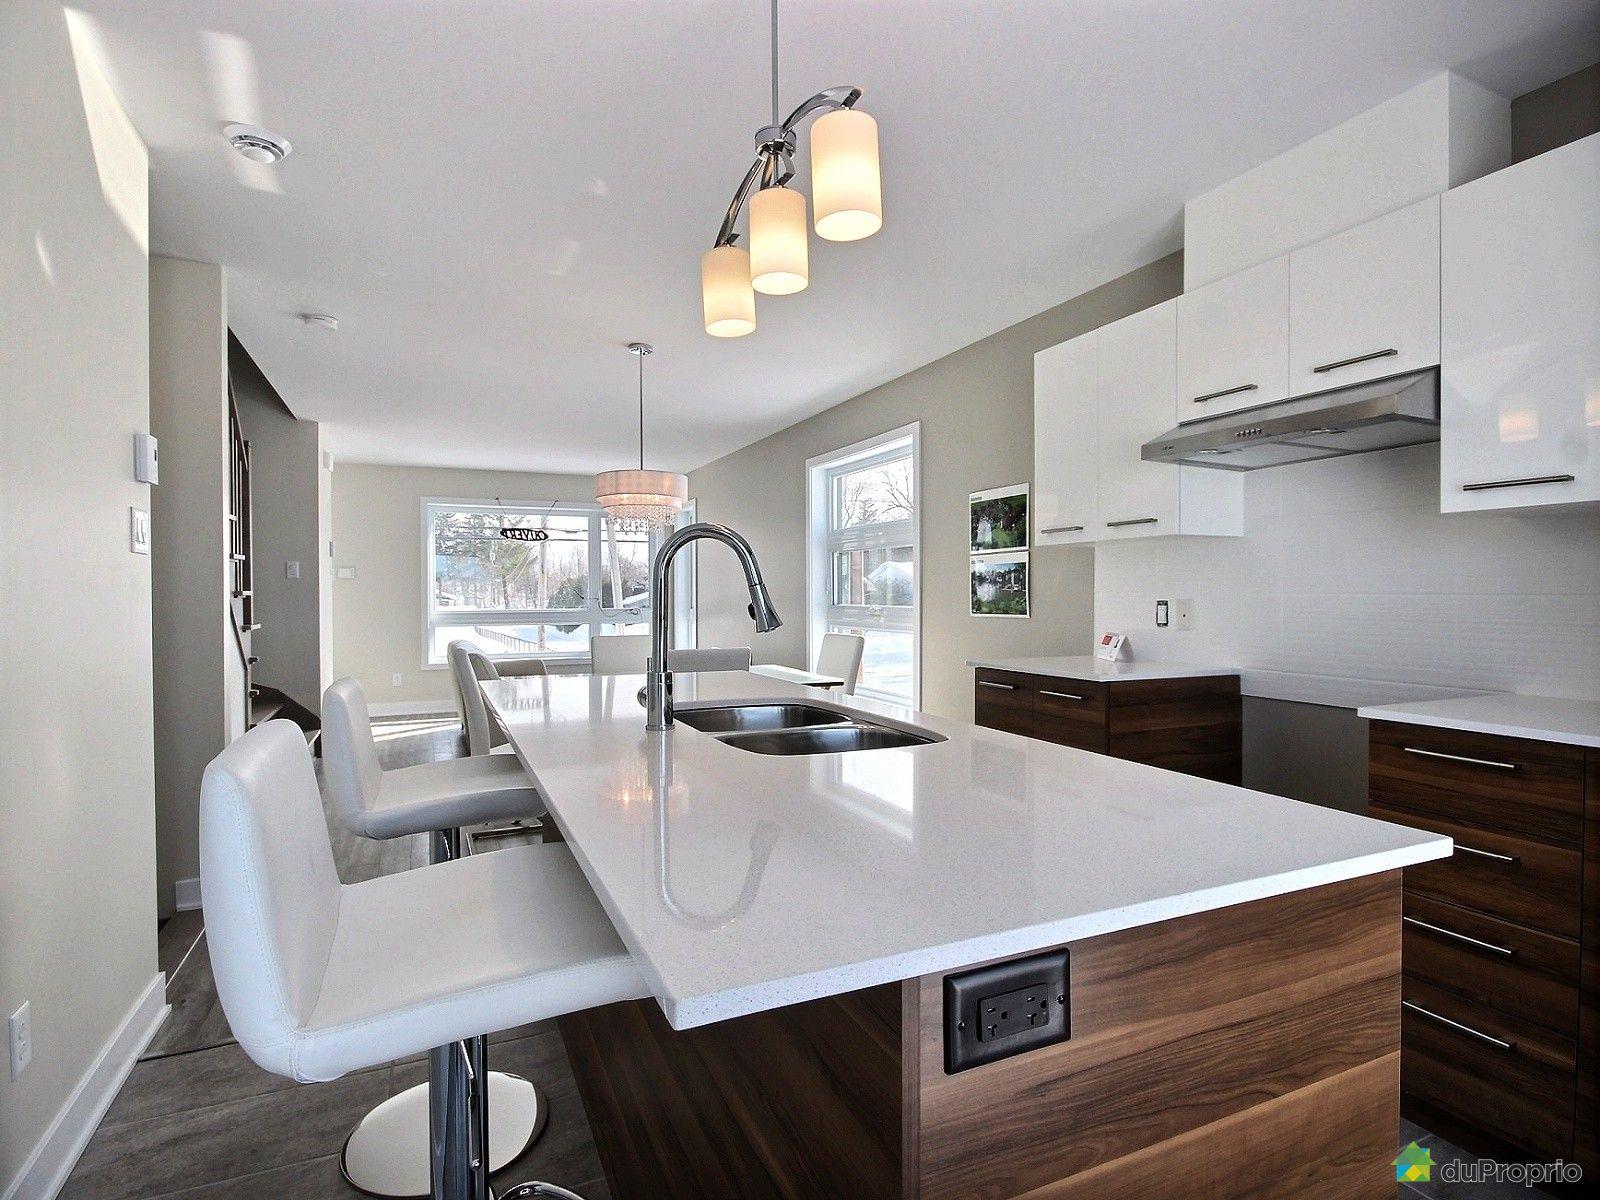 Kitchen - 704 place Rancourt - Par Rancourt Construction, L'Épiphanie for sale